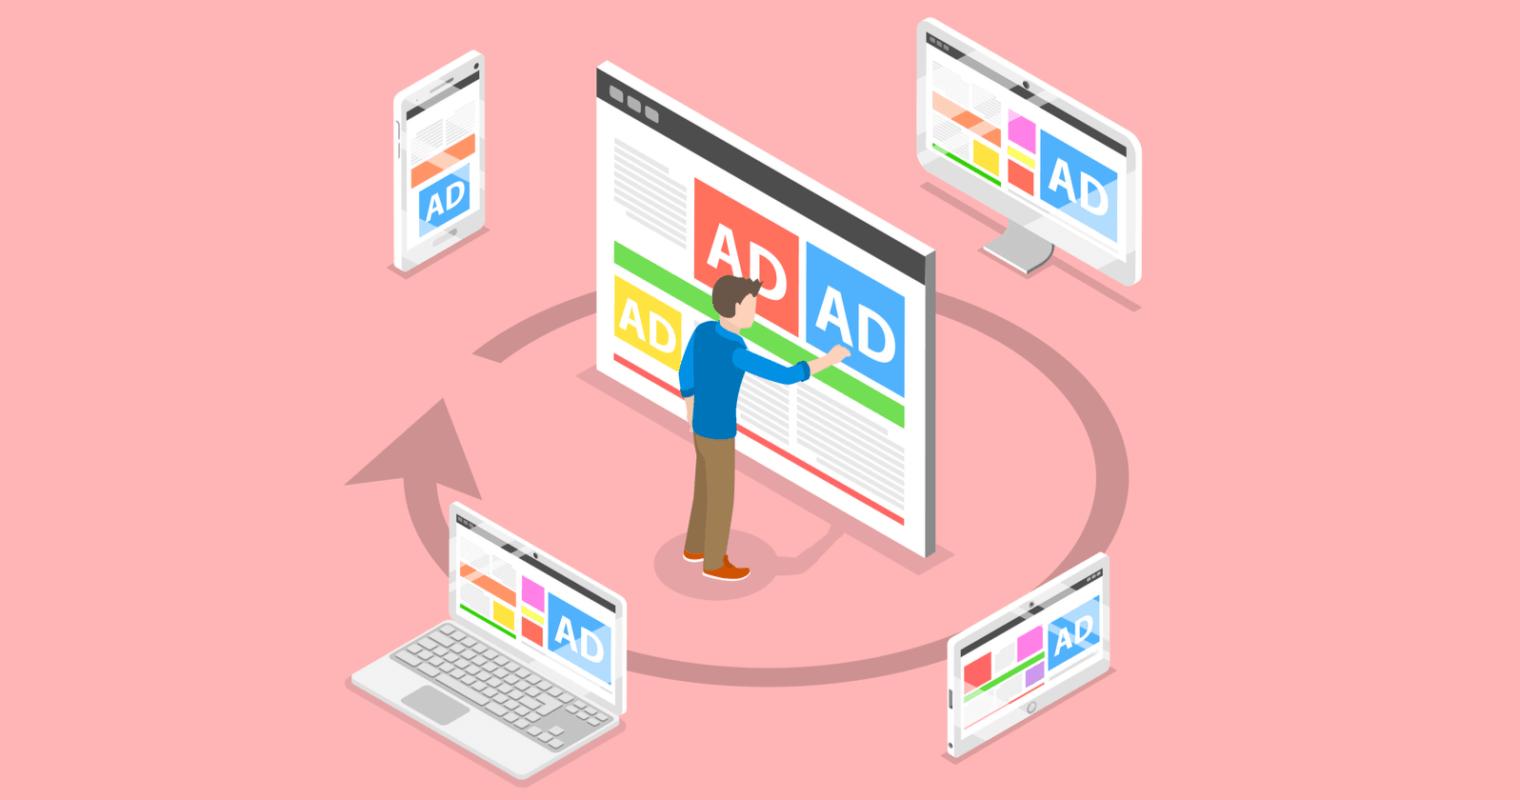 انواع کمپین های بازاریابی مجدد